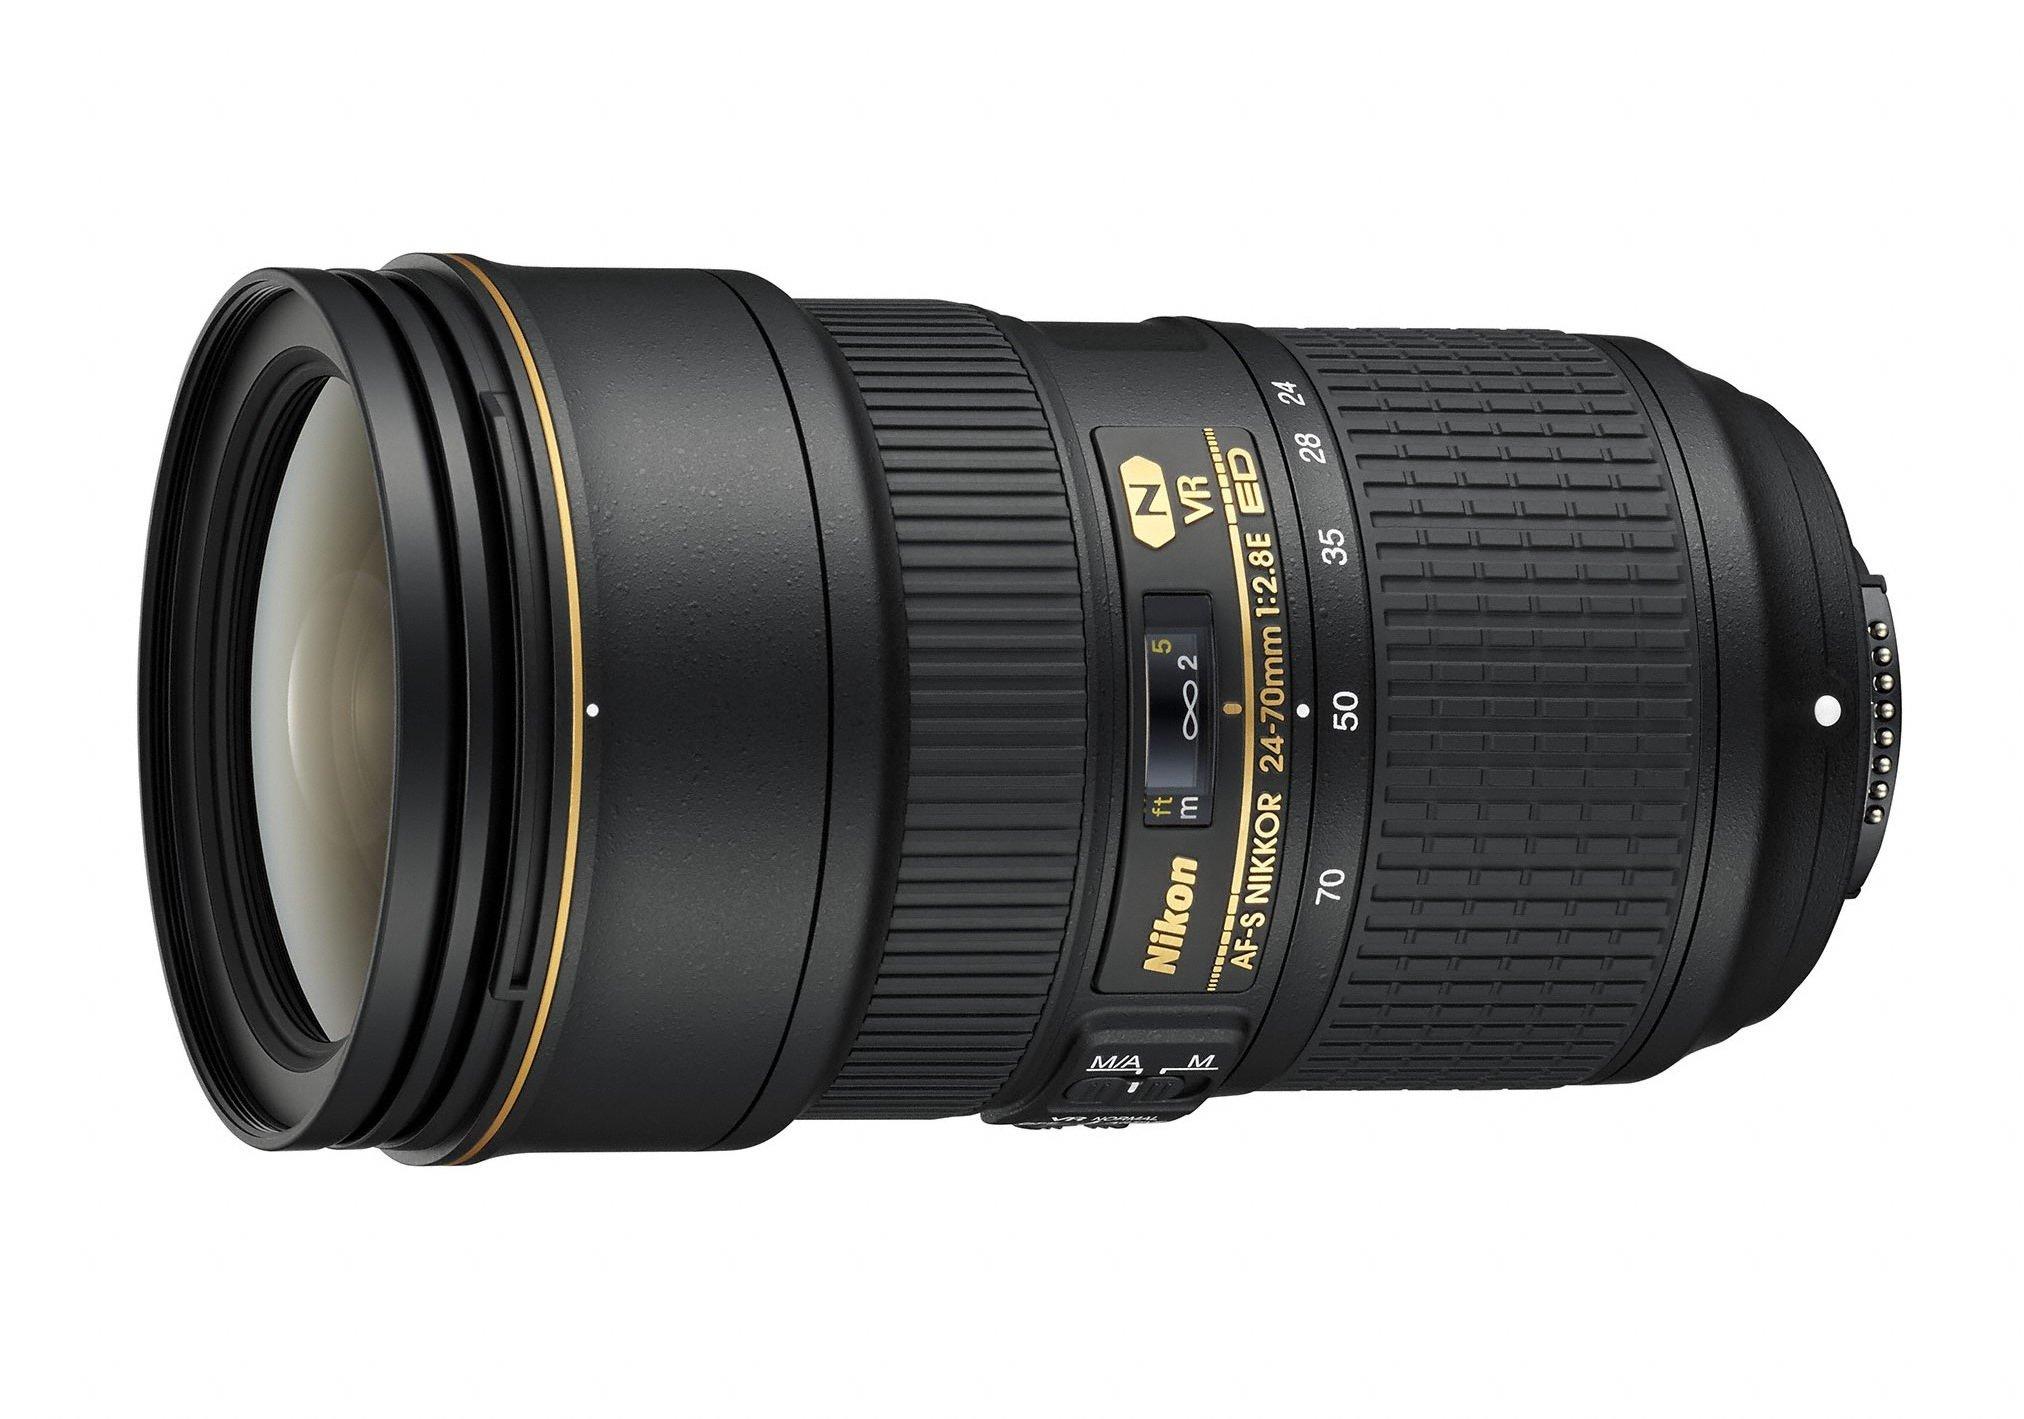 Nikon_AF-S_24-70mm_f2.8E_ED_VR-005.jpg?t